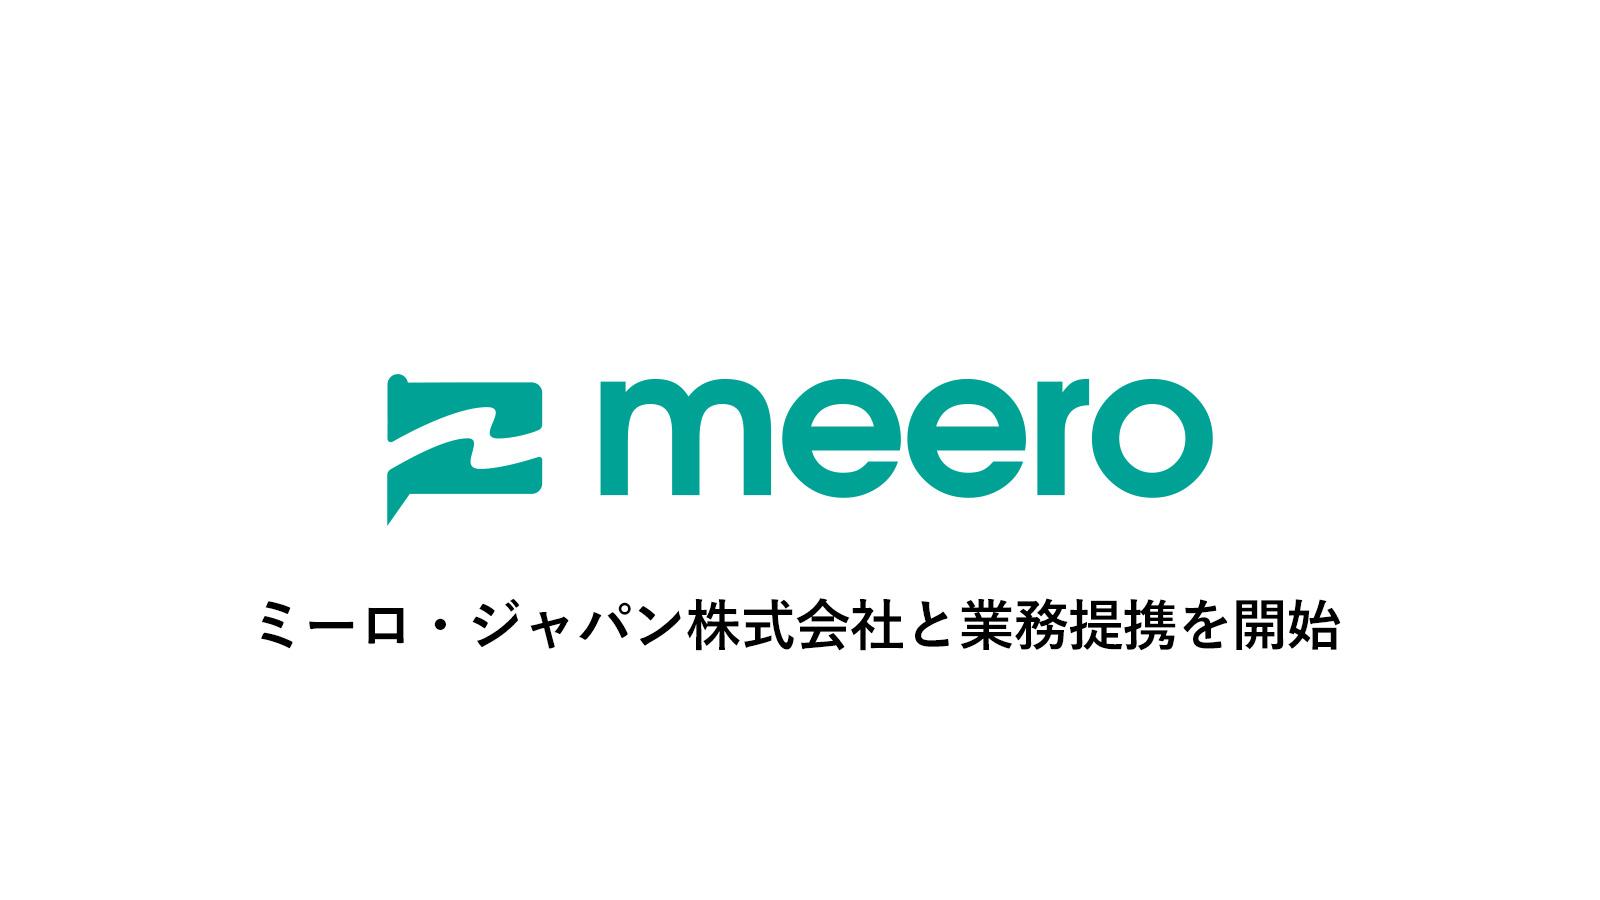 【PR】ミーロ・ジャパン株式会社と業務提携を開始いたしました